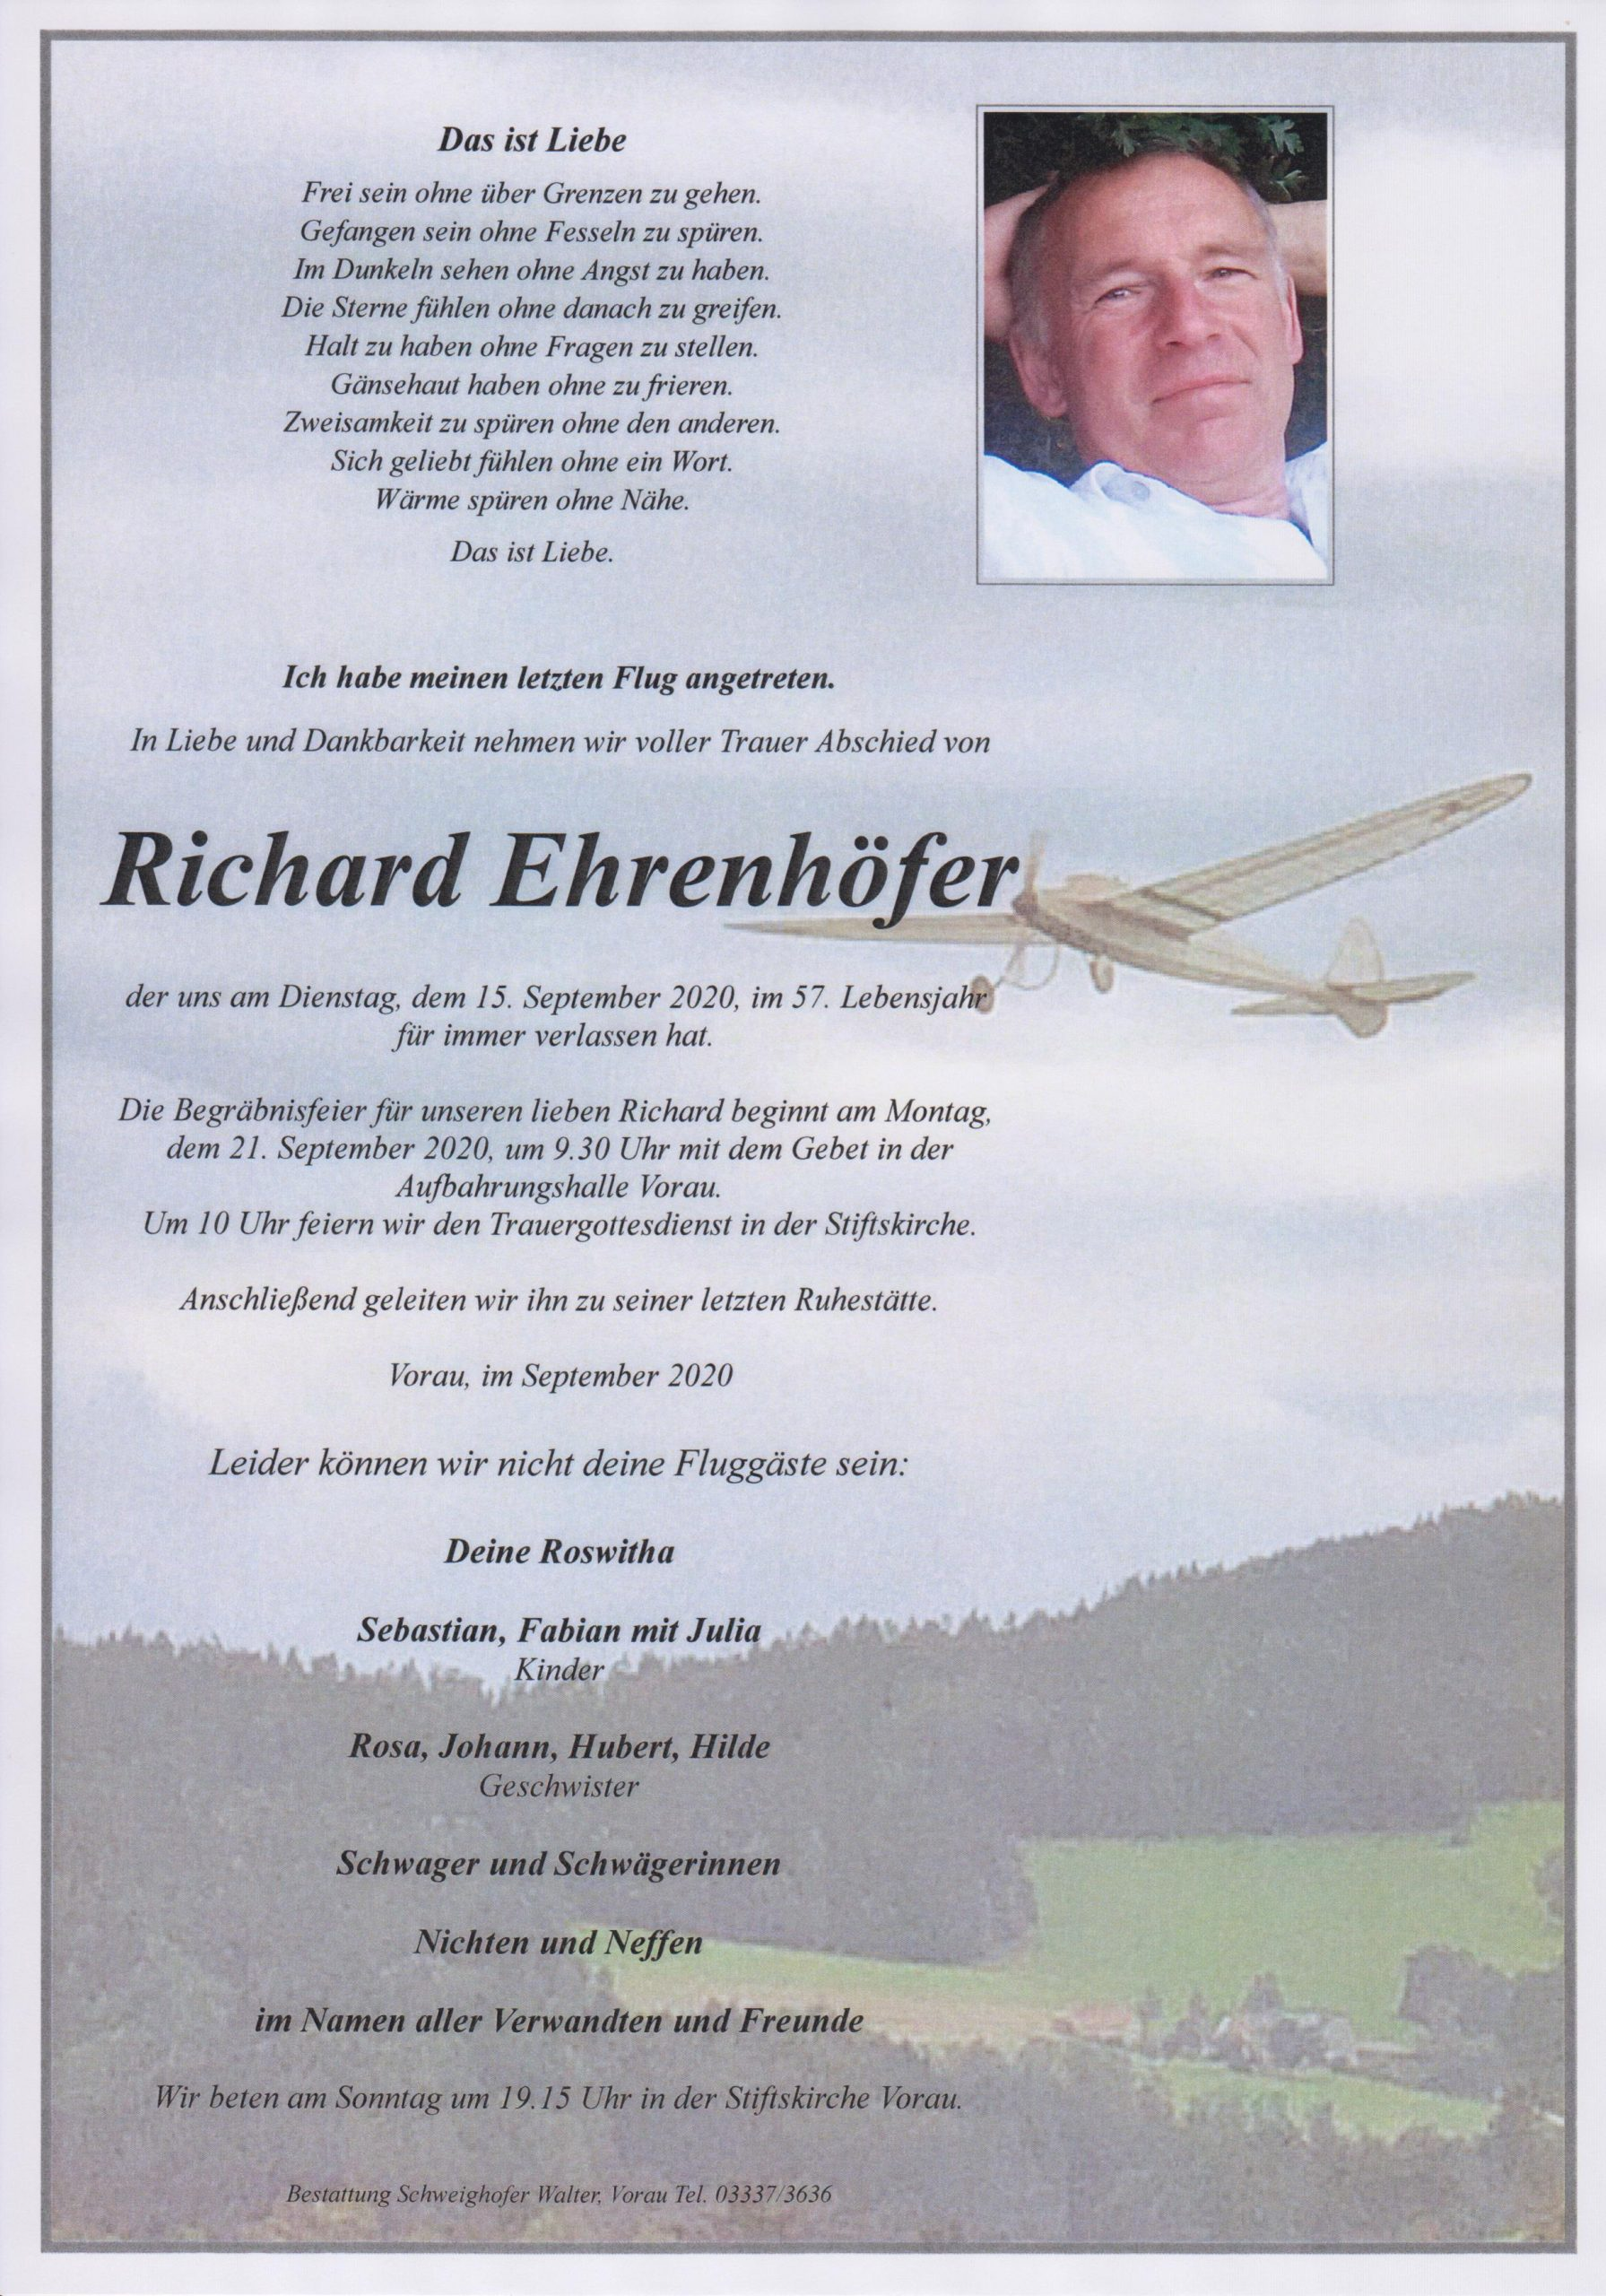 Richard Ehrenhöfer